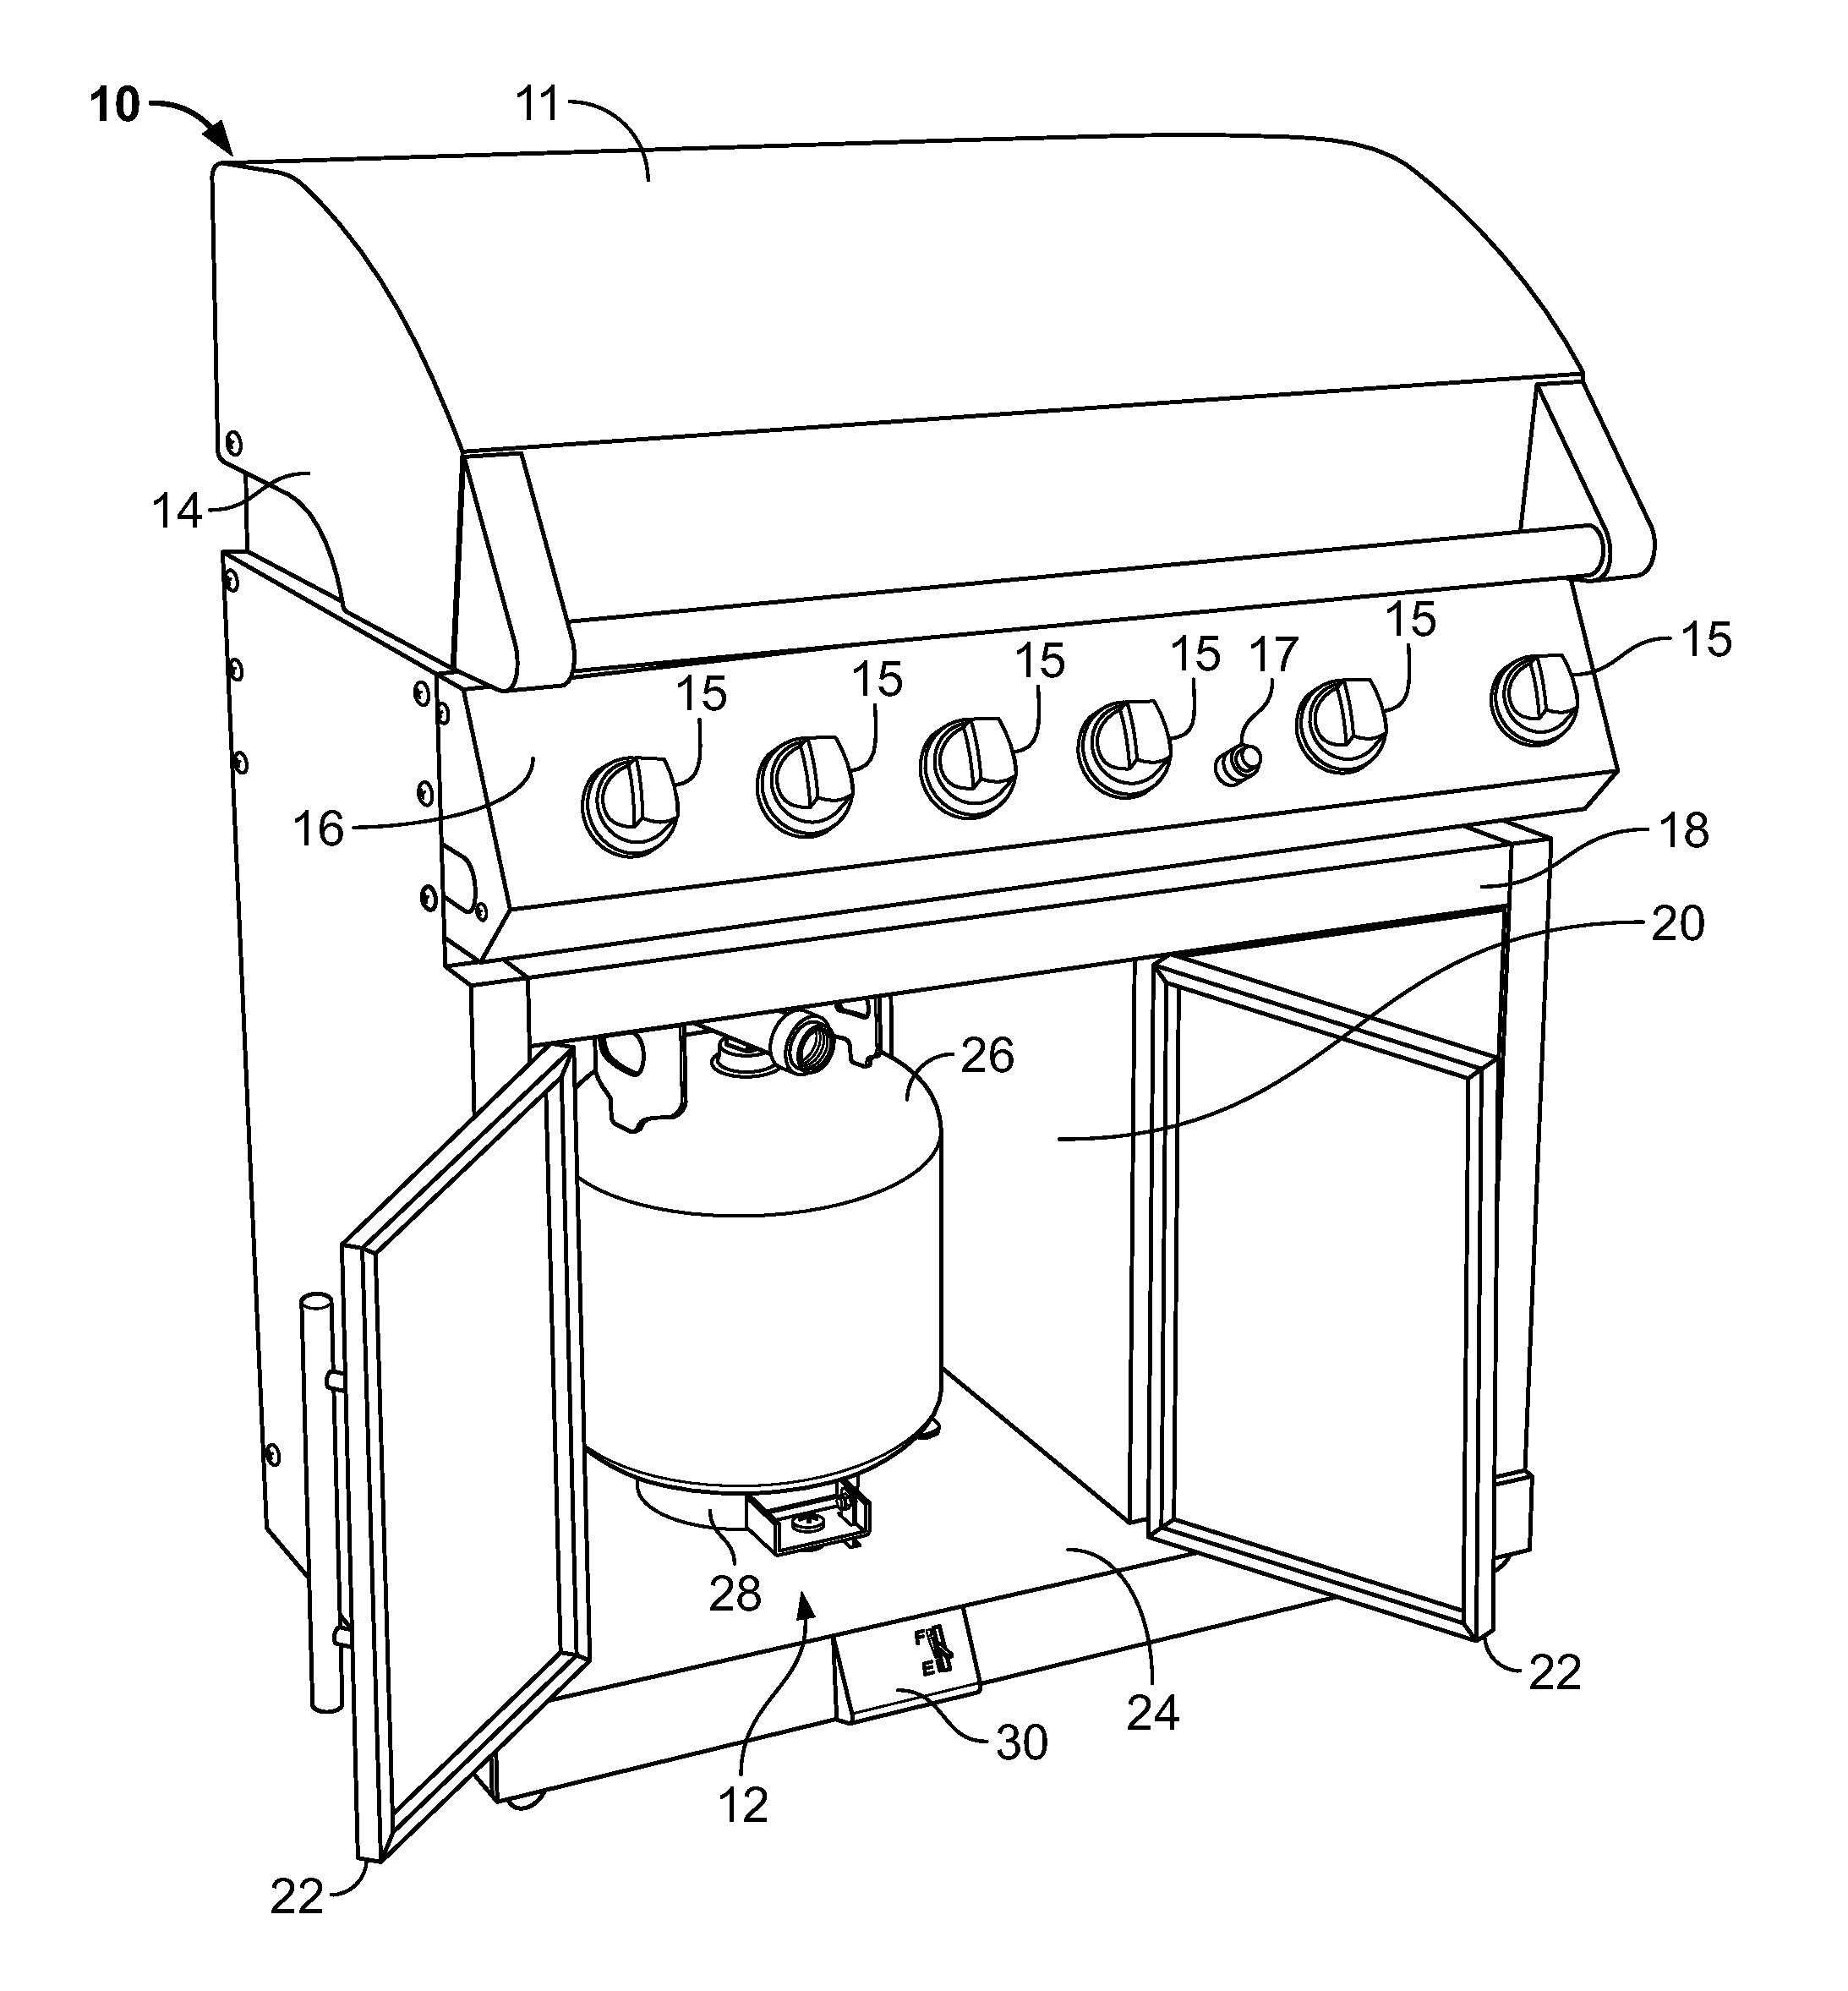 Propane Tank Drawing